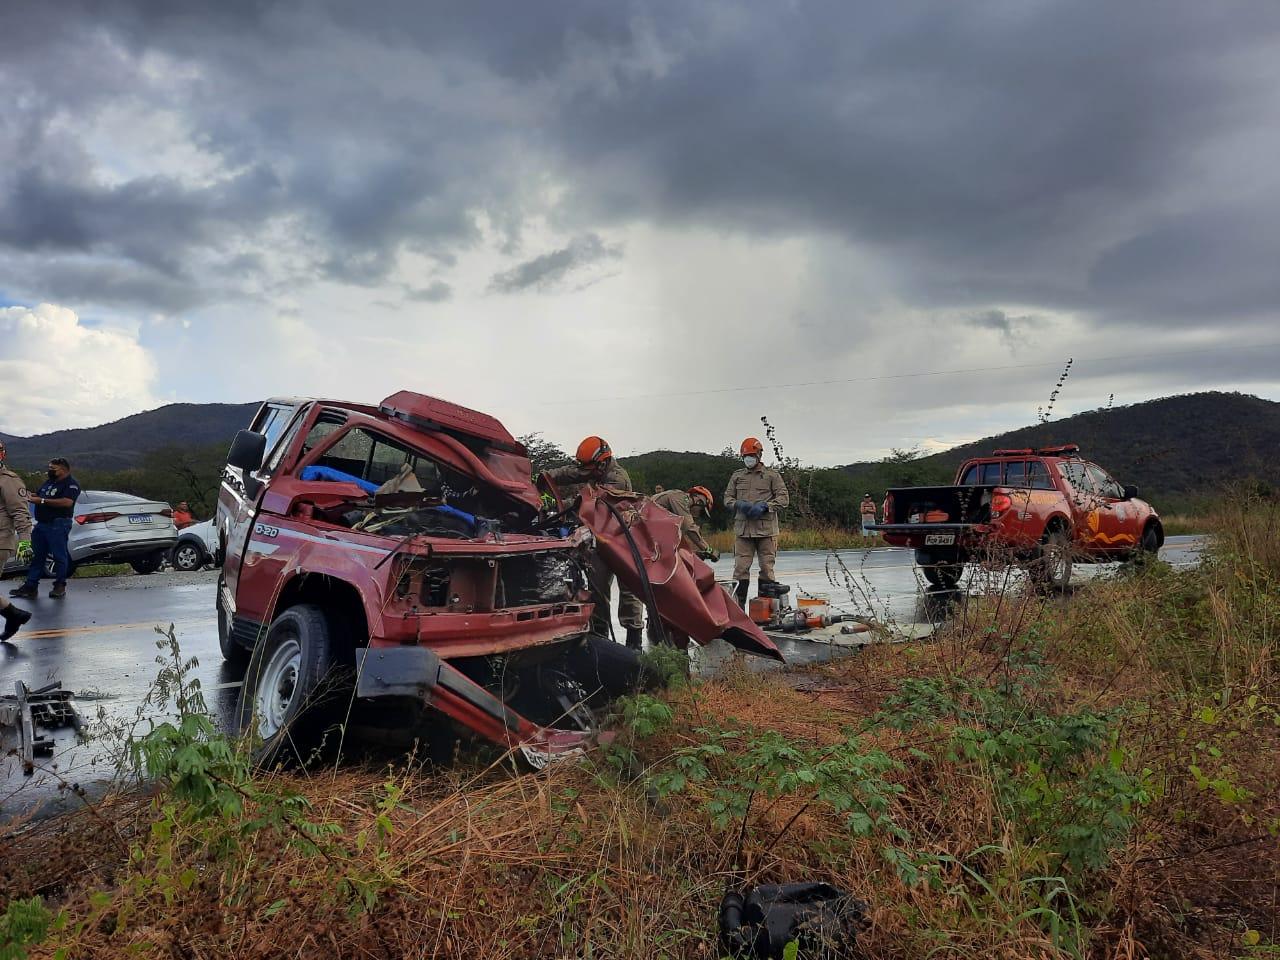 Bombeiros resgatam vítima presa às ferragens de acidente de trânsito em Canindé